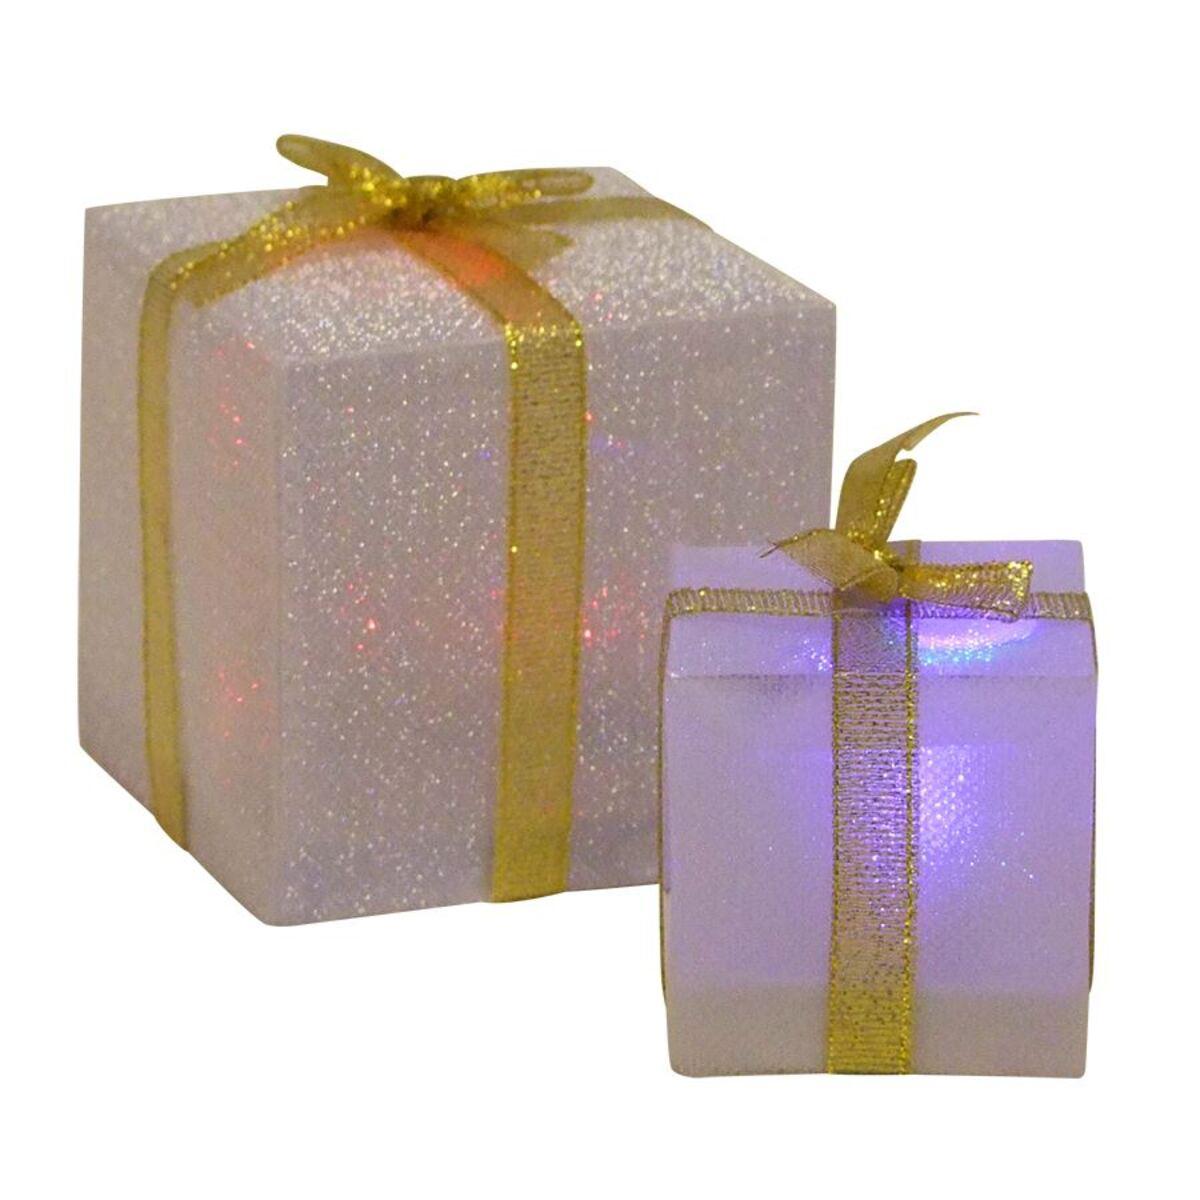 Bild 5 von LED-Geschenkpäckchen mit Farbwechsler 5cm